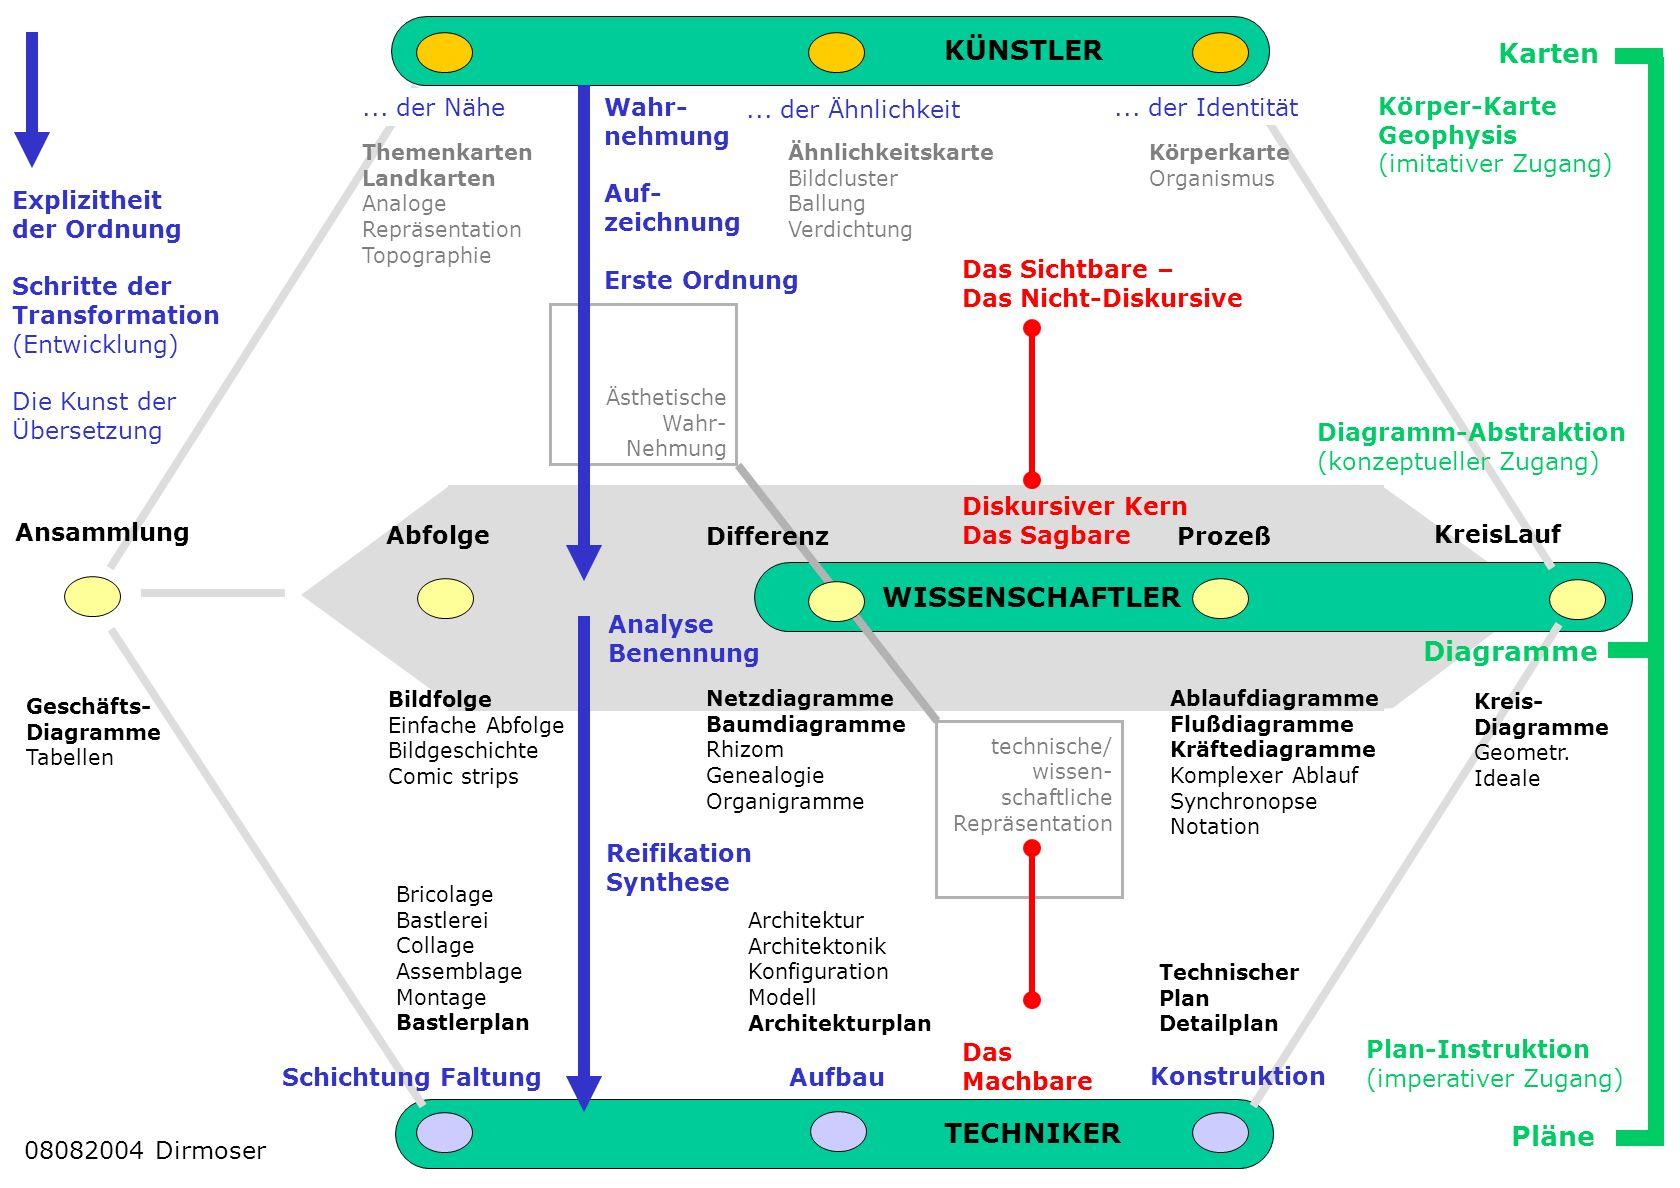 KÜNSTLER Karten WISSENSCHAFTLER Diagramme TECHNIKER Pläne ... der Nähe